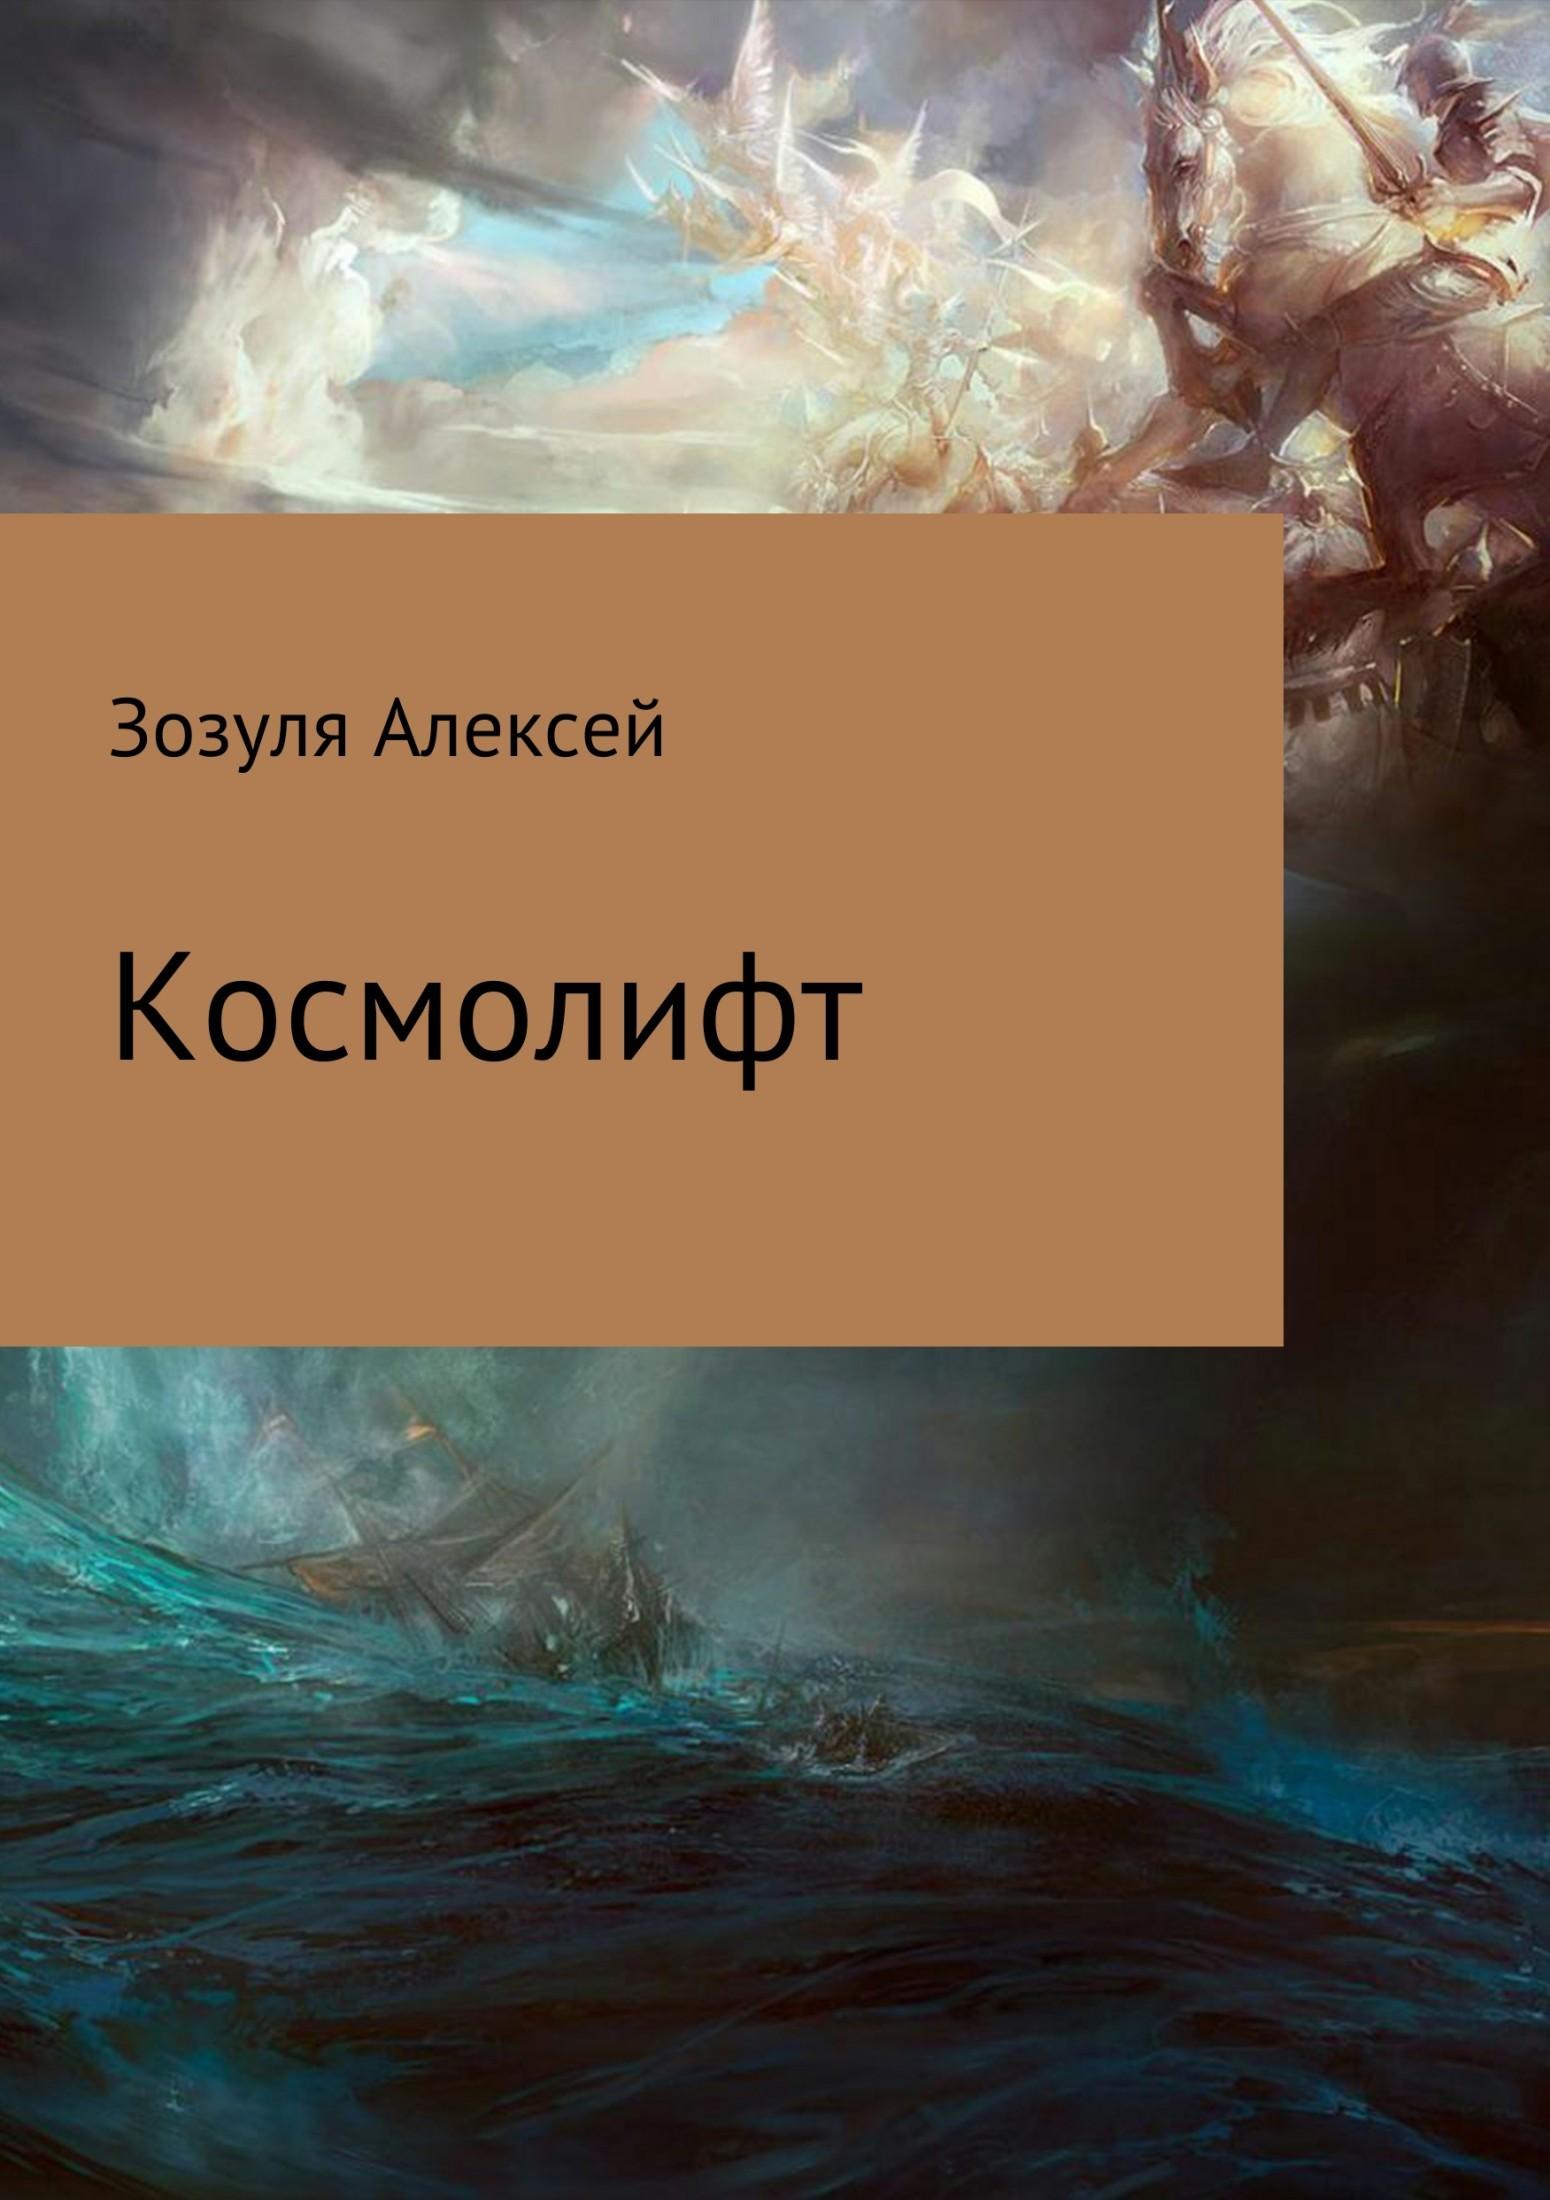 Алексей Юрьевич Зозуля. Космолифт